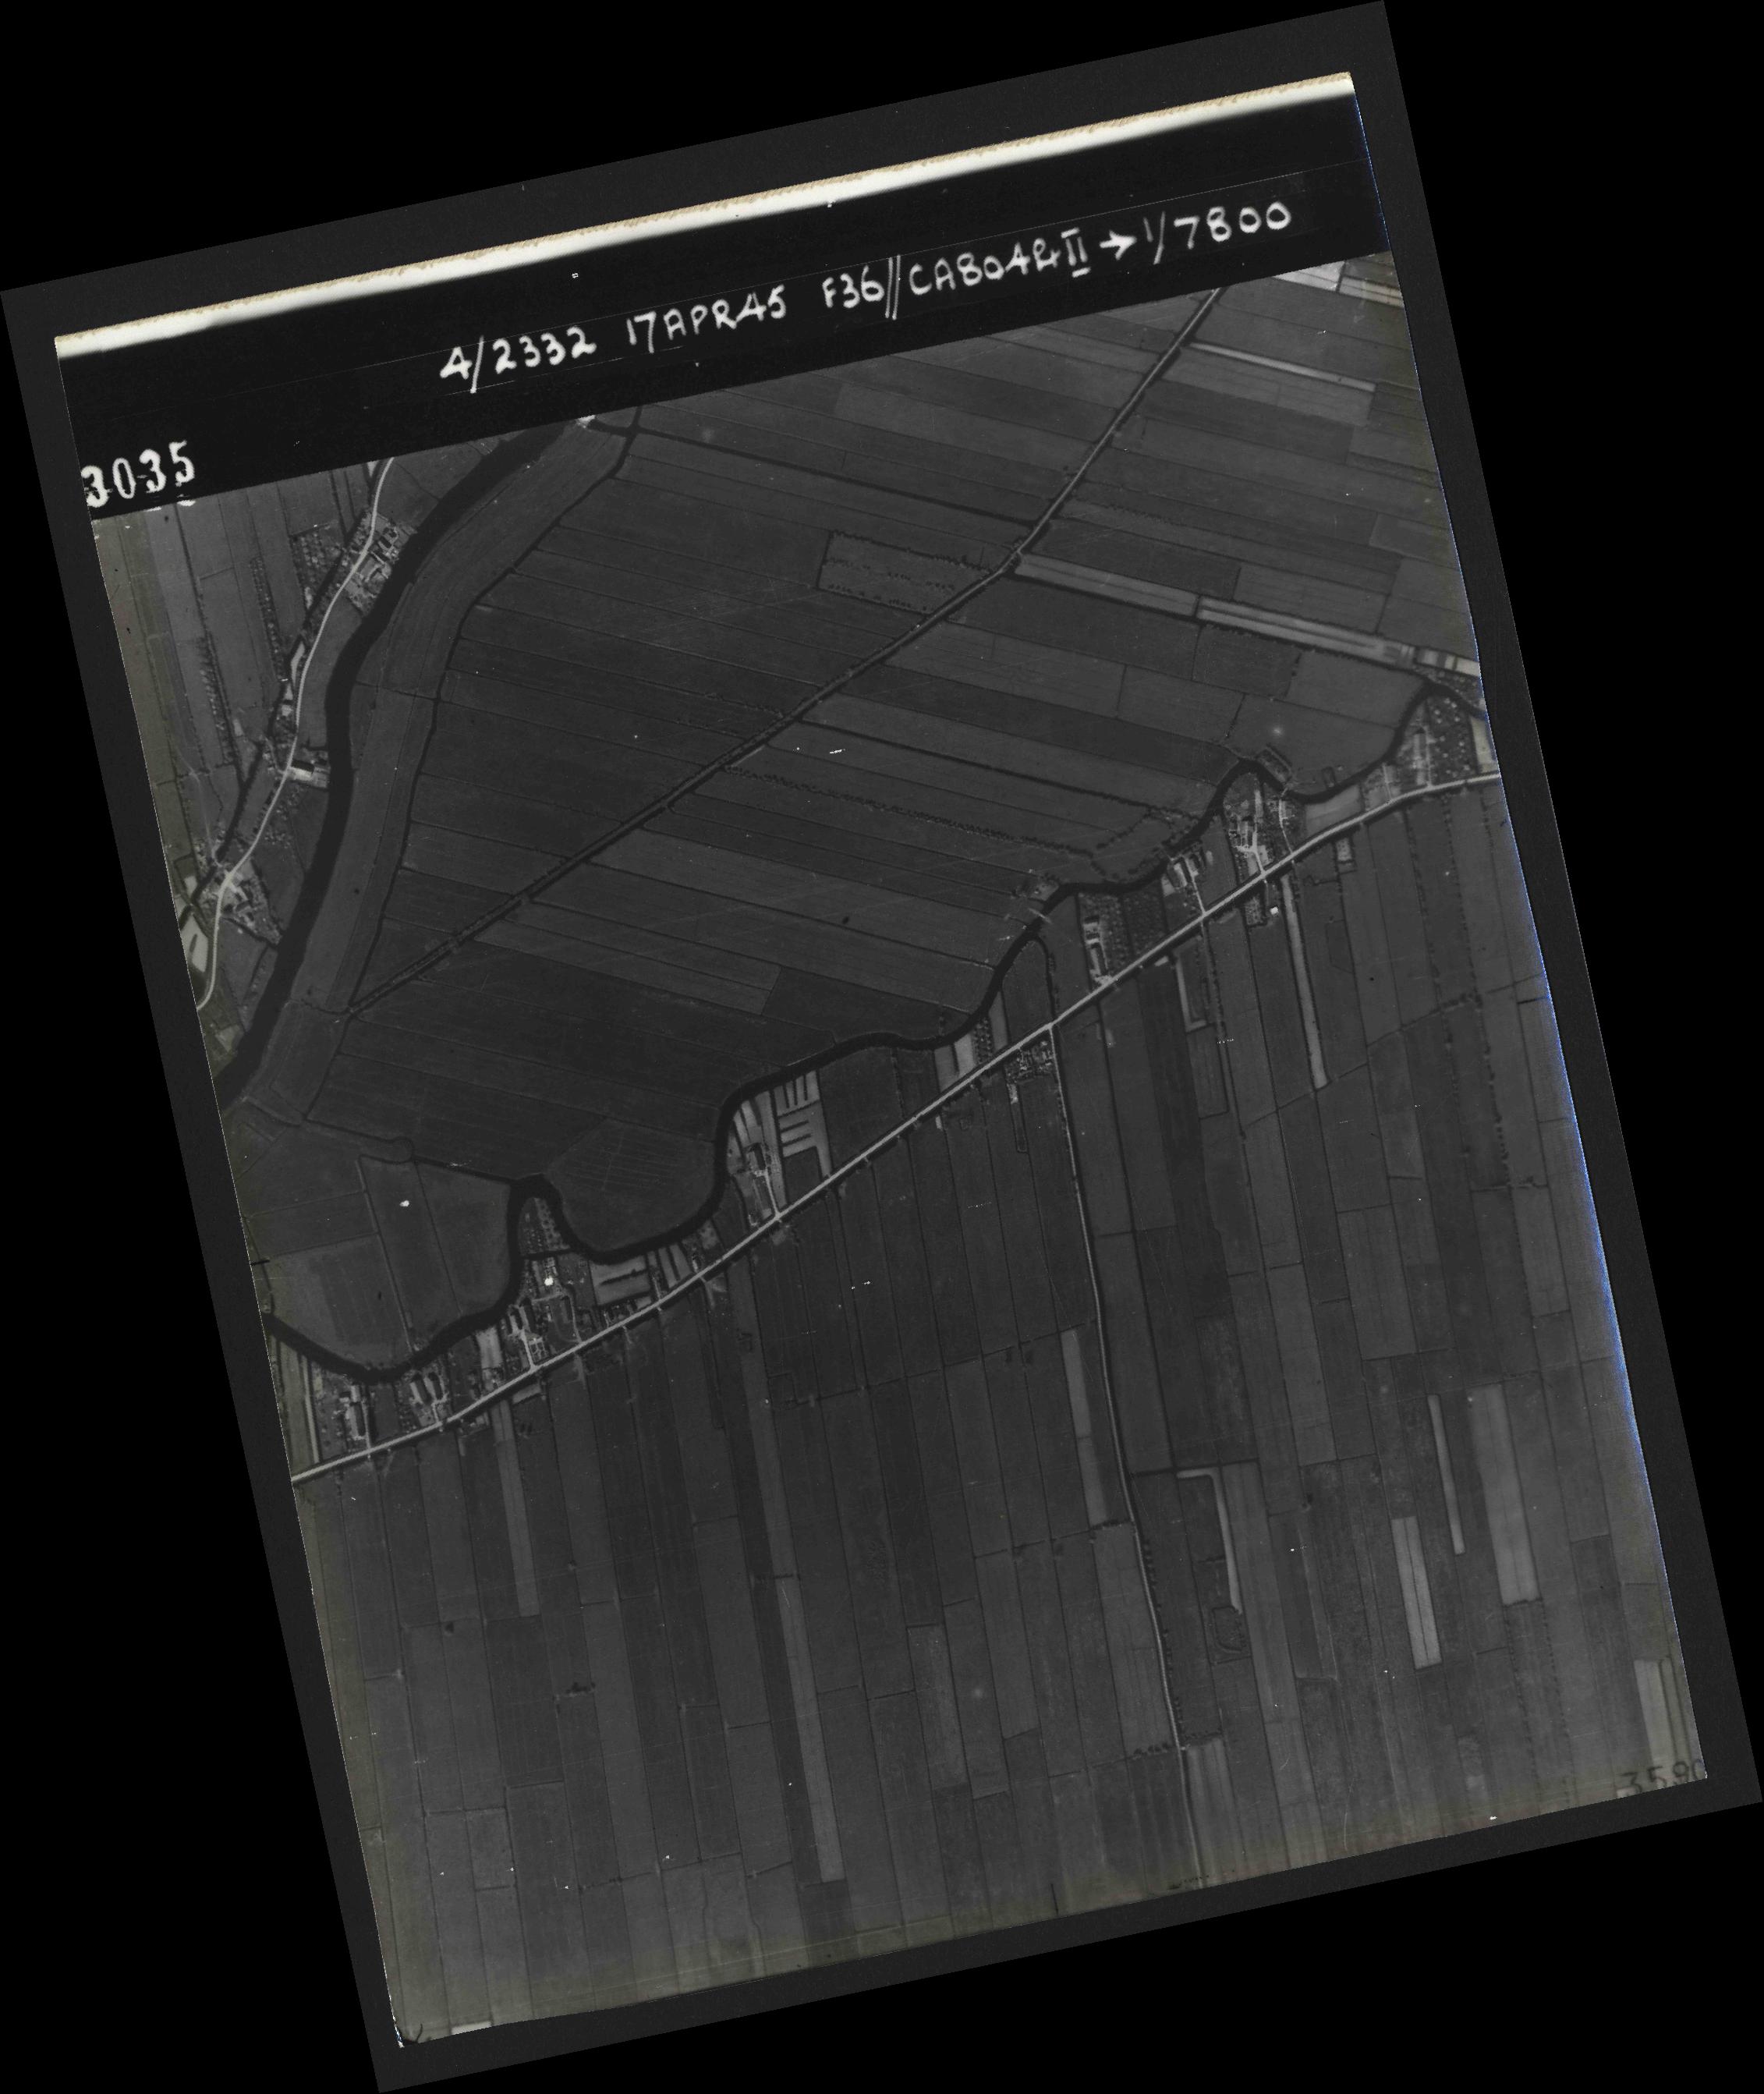 Collection RAF aerial photos 1940-1945 - flight 011, run 01, photo 3035